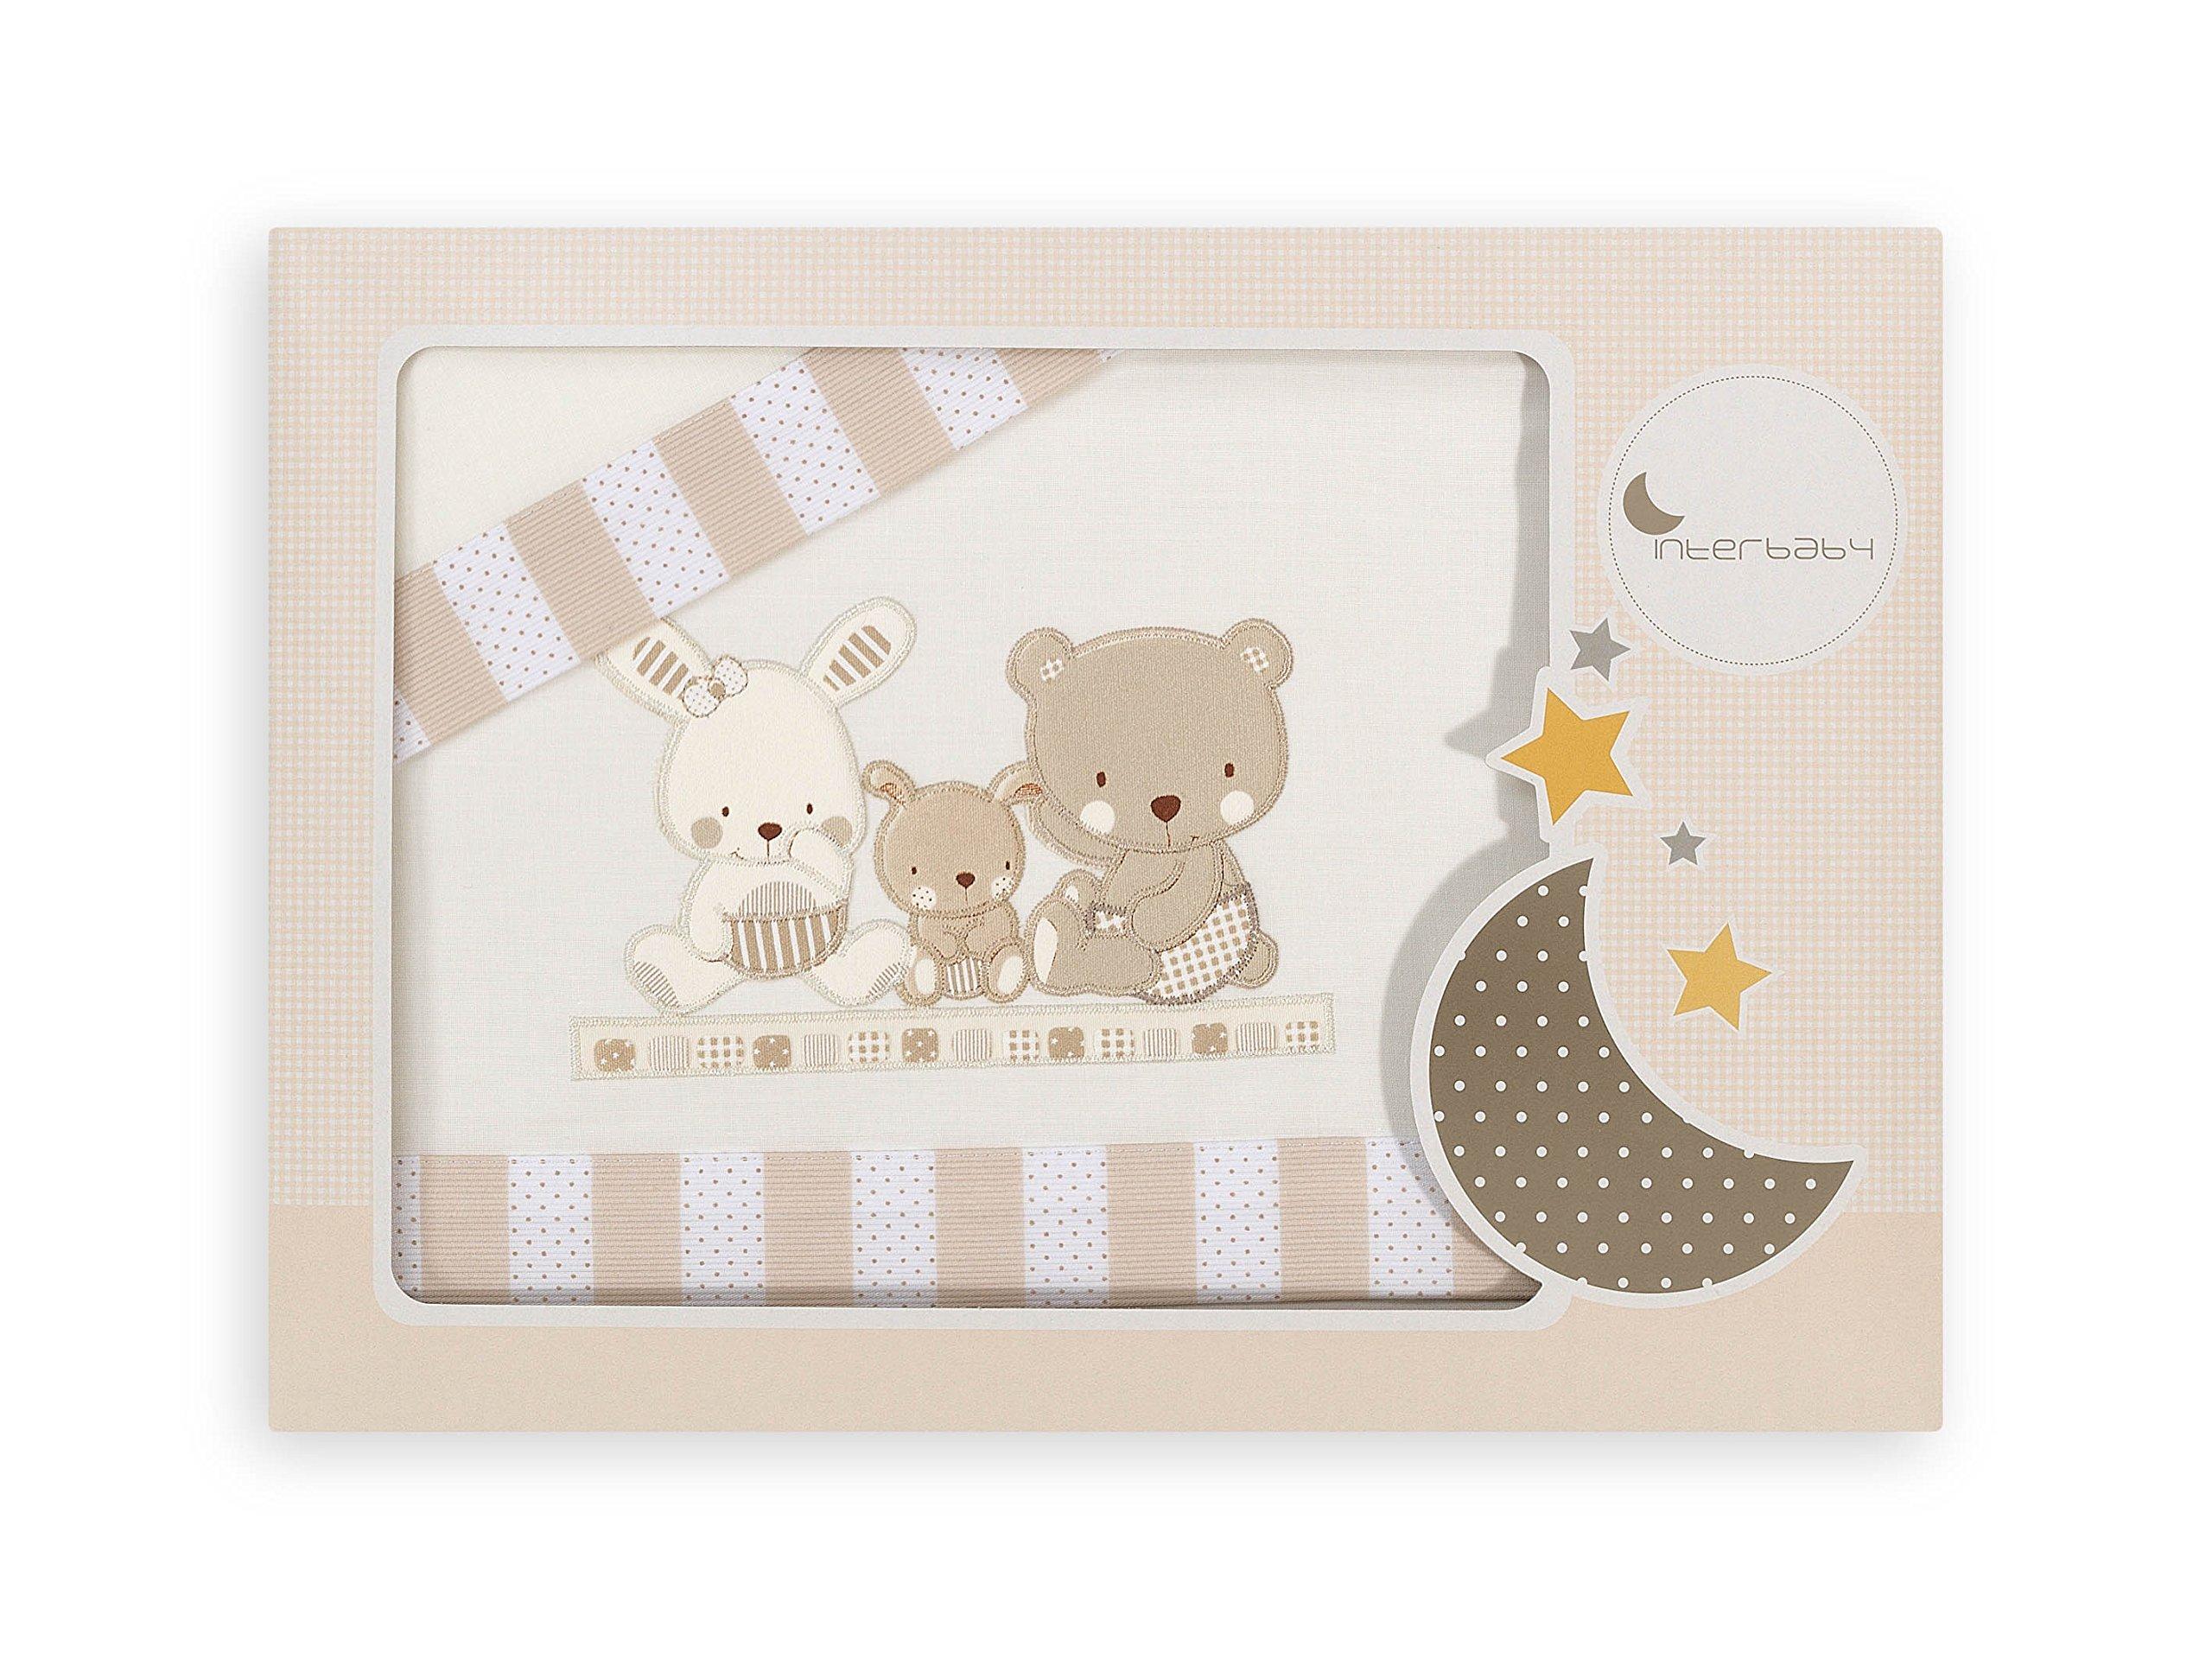 Interbaby Love - Juego de sábanas para minicuna, color beige product image